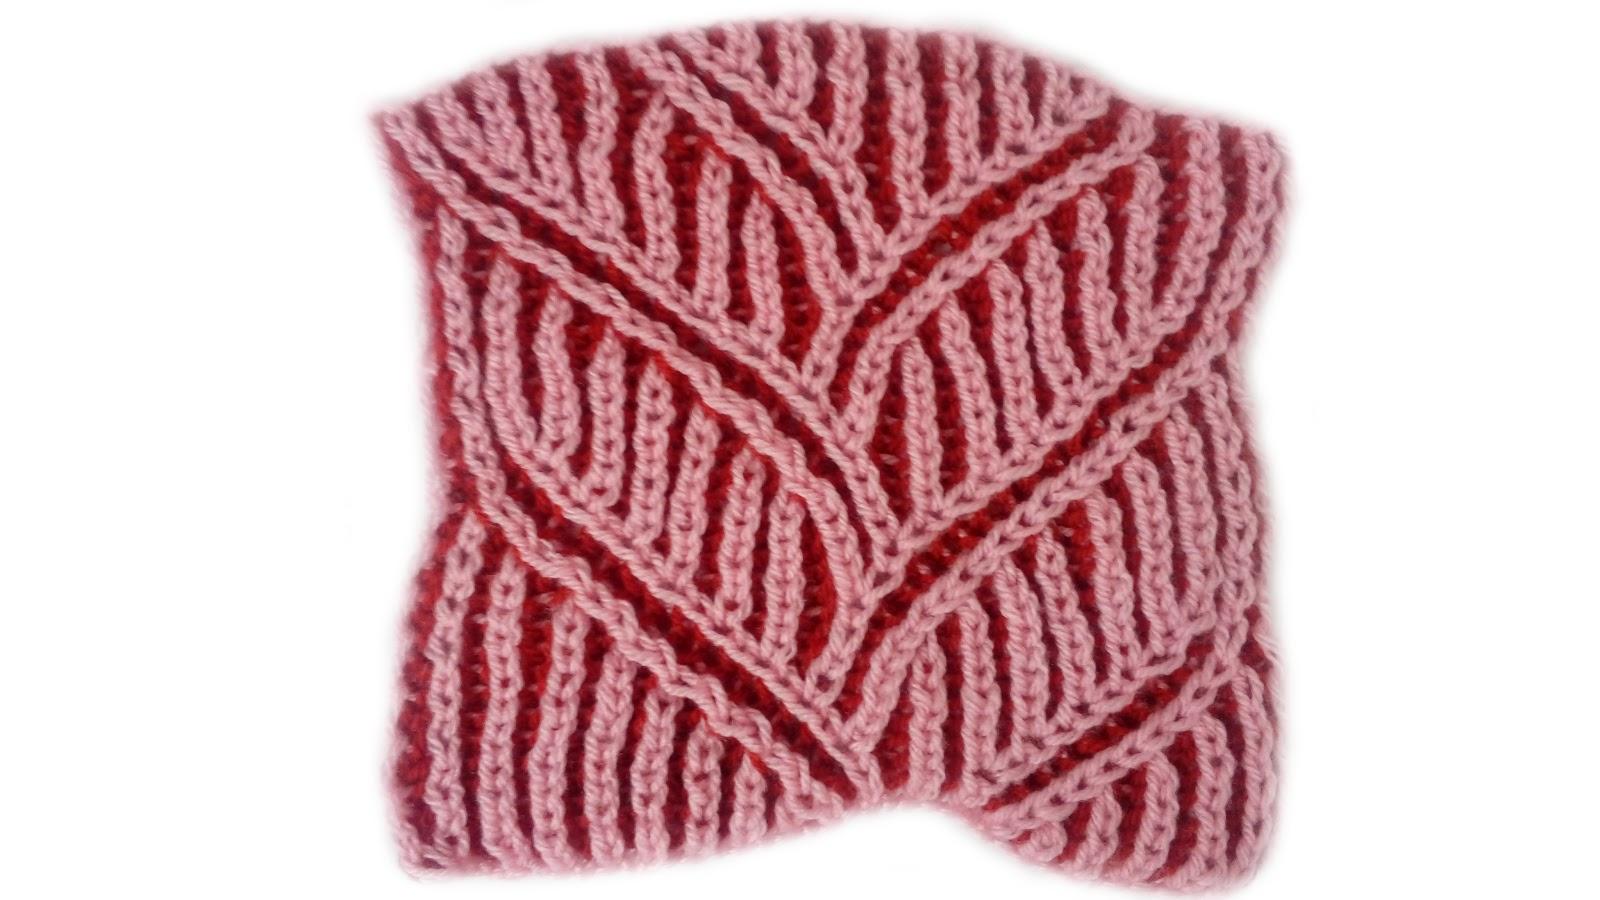 Big Braid Scarf - Brioche Knitting